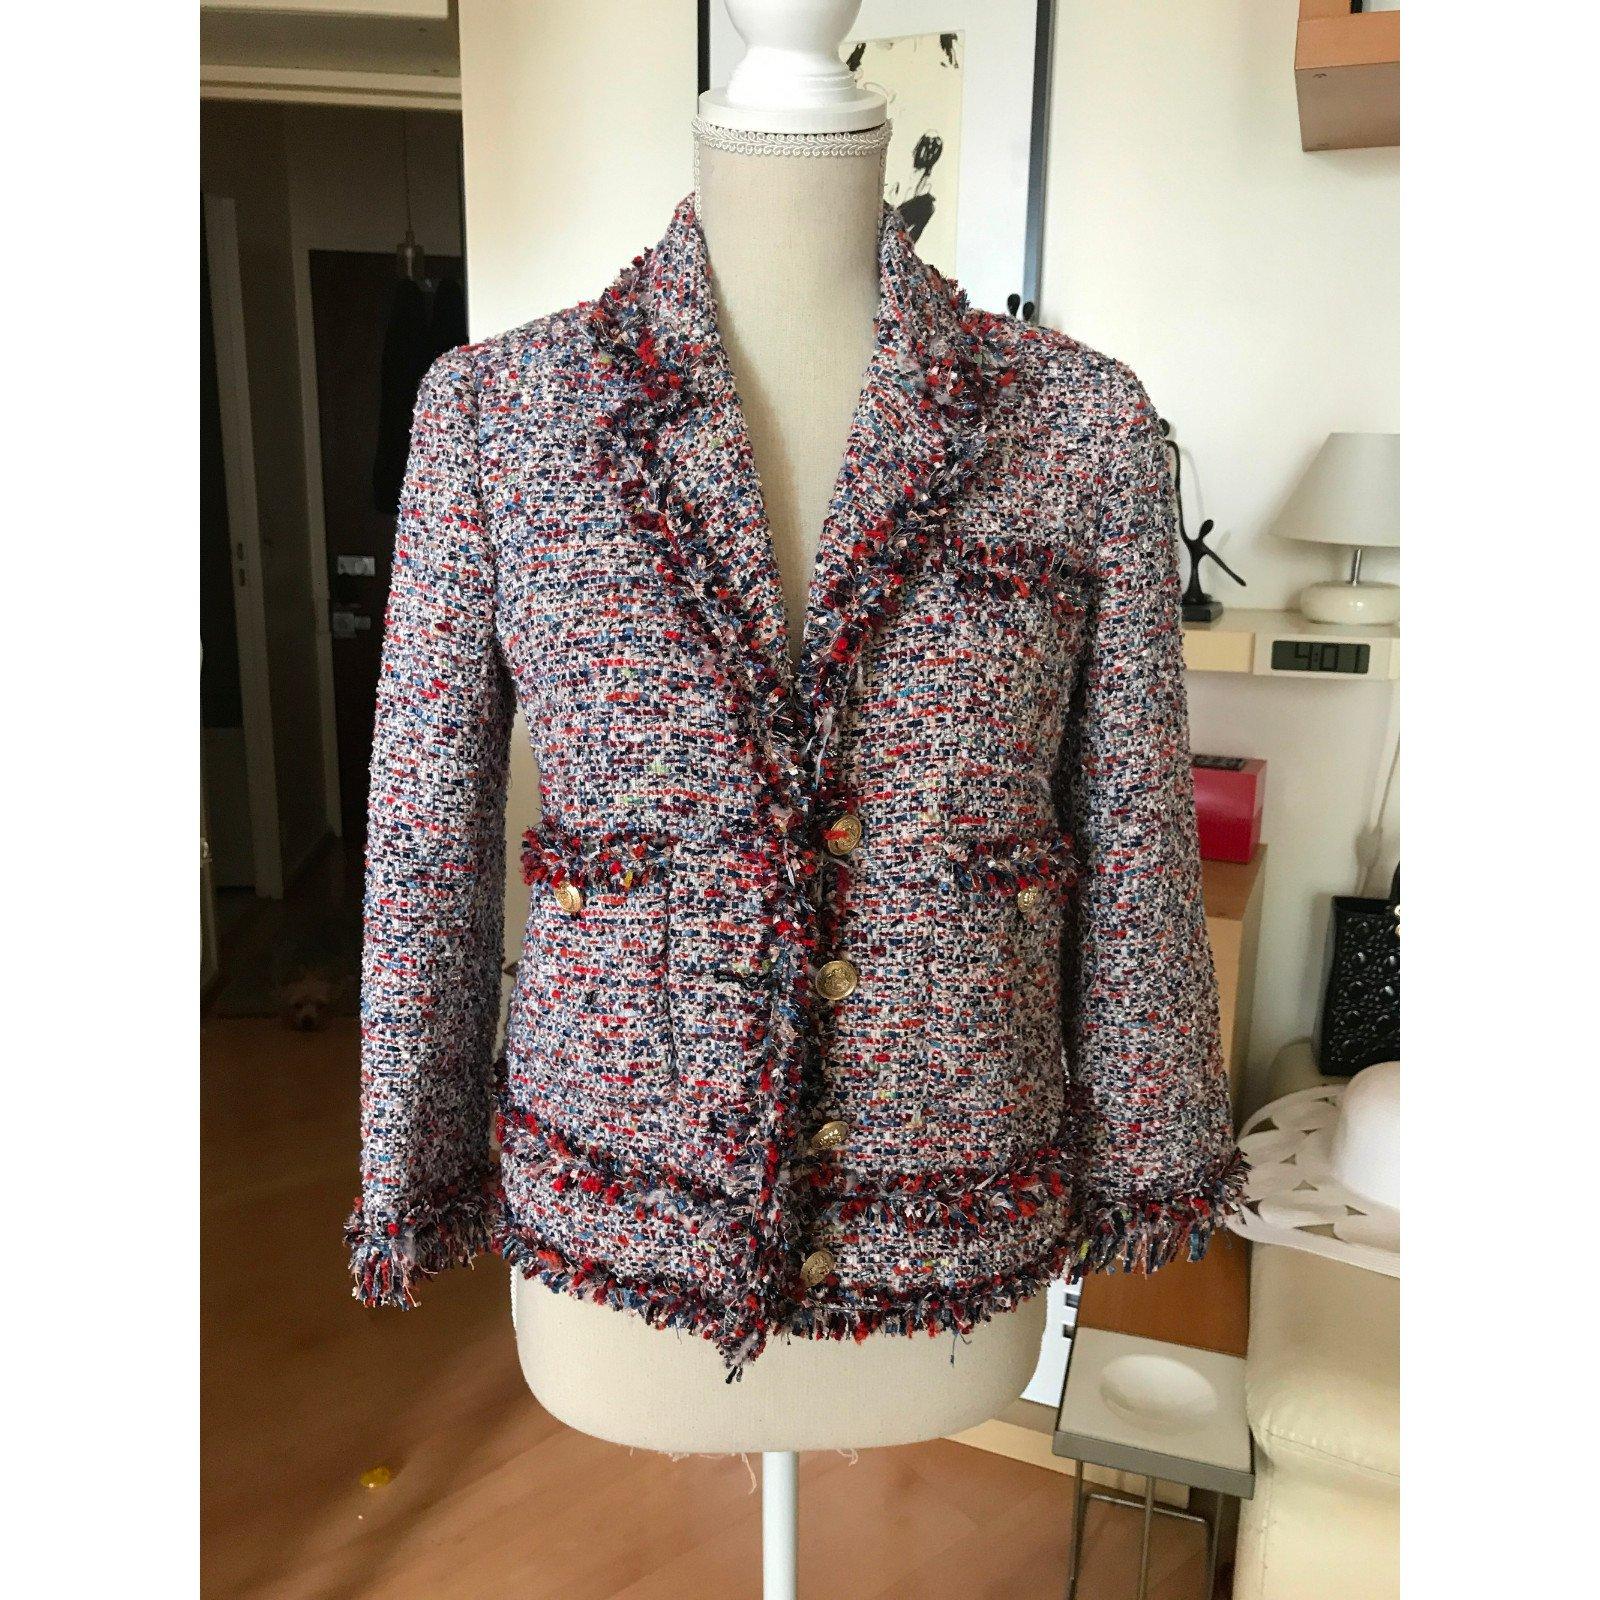 Polyester Multicolore Veste Vestes 40536 En Tweed Ref Zara qIvw1S